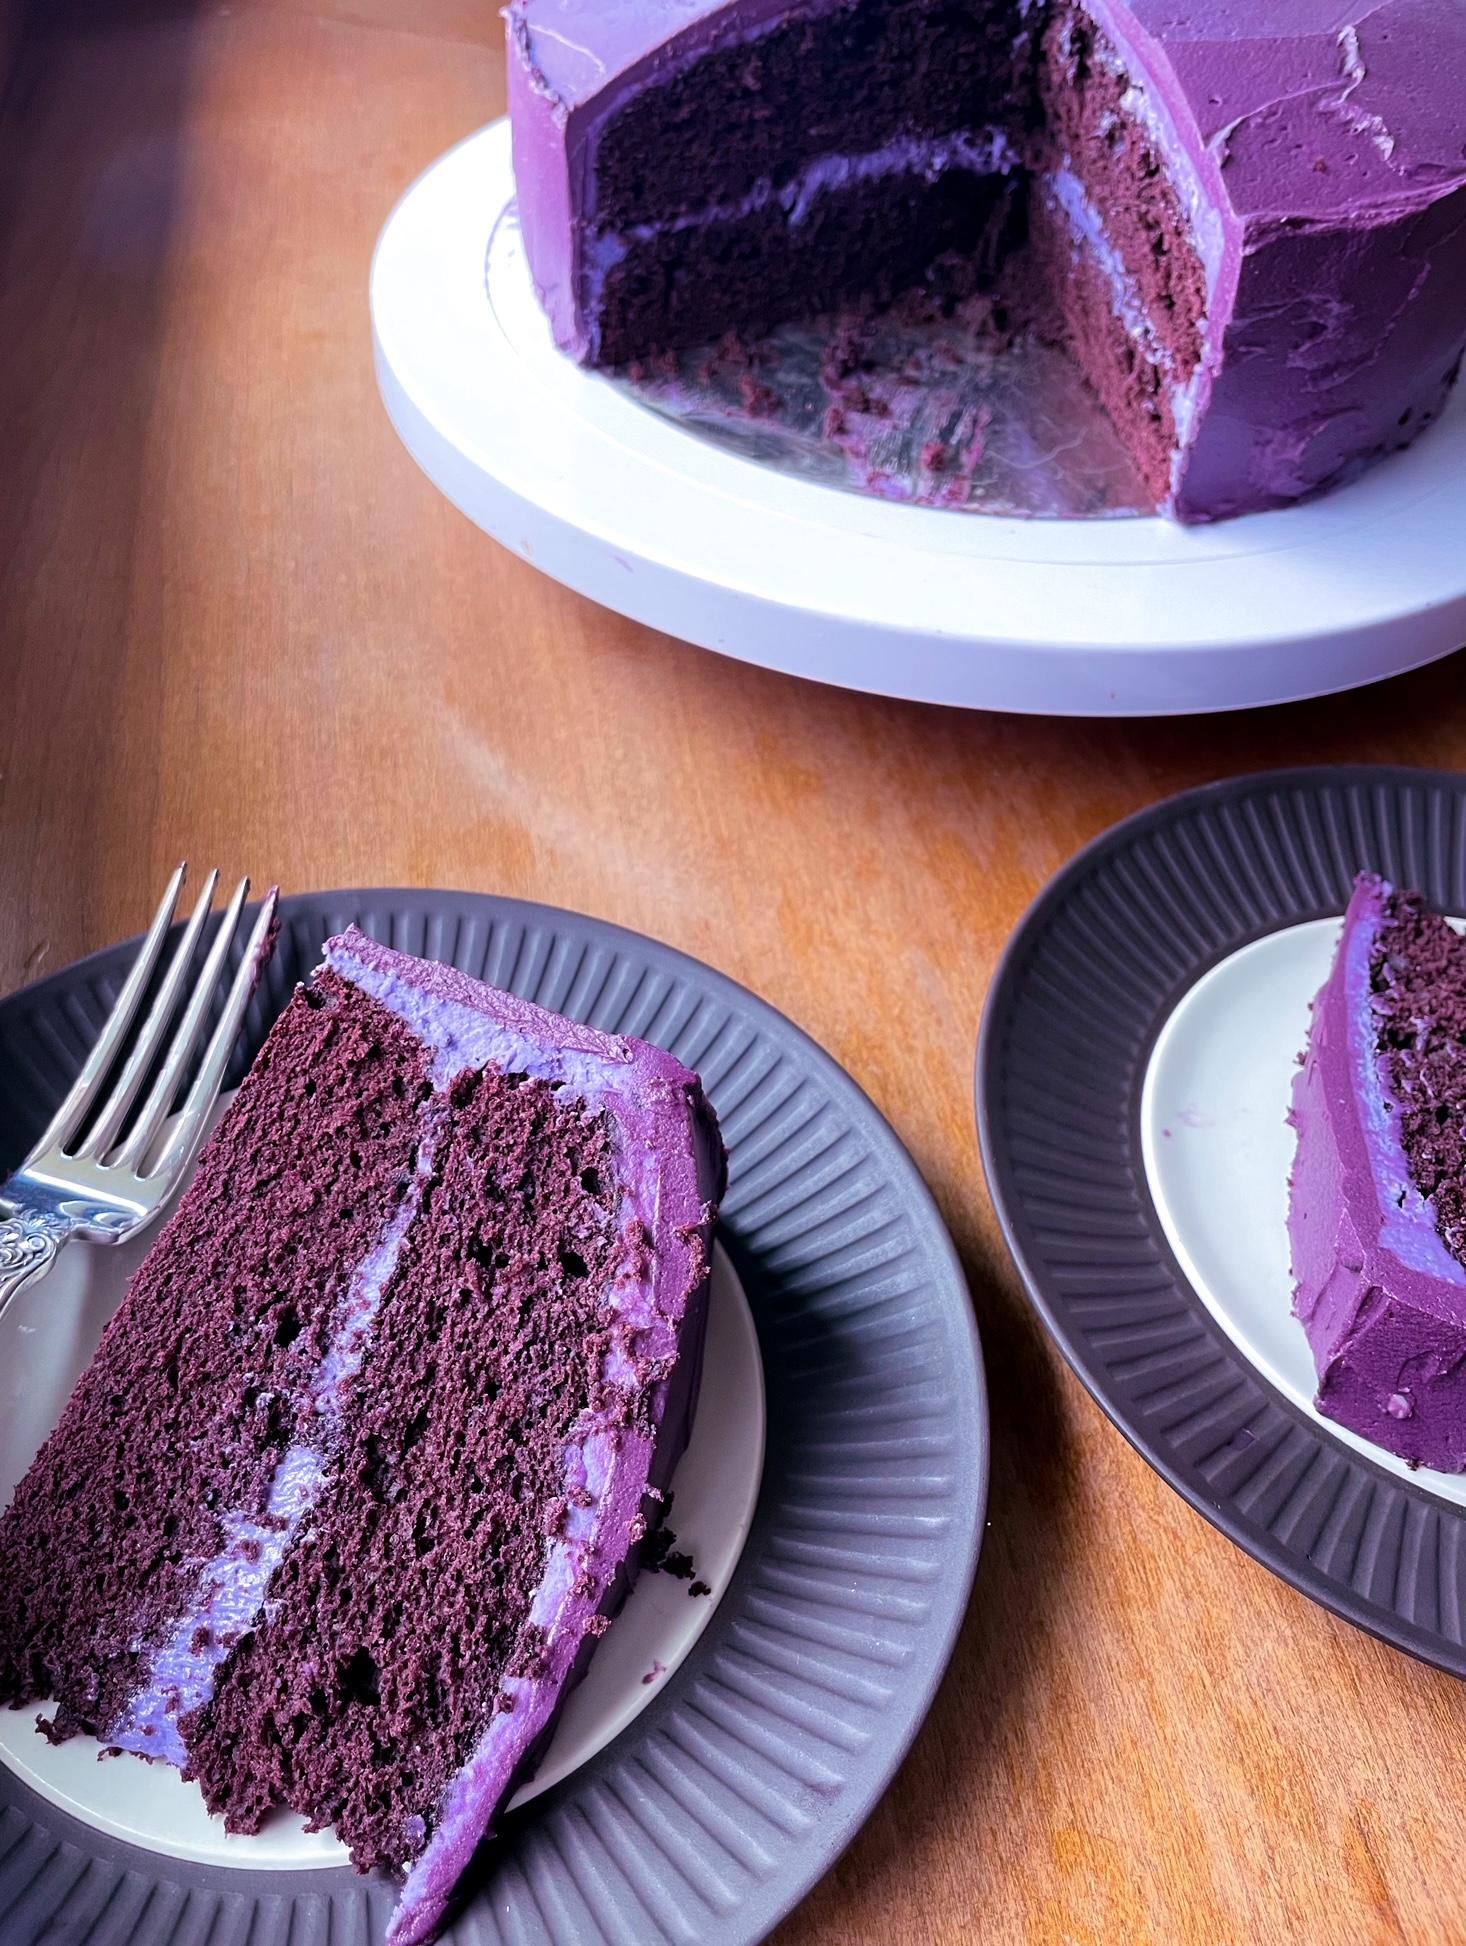 How to Make a Purple Velvet Cake